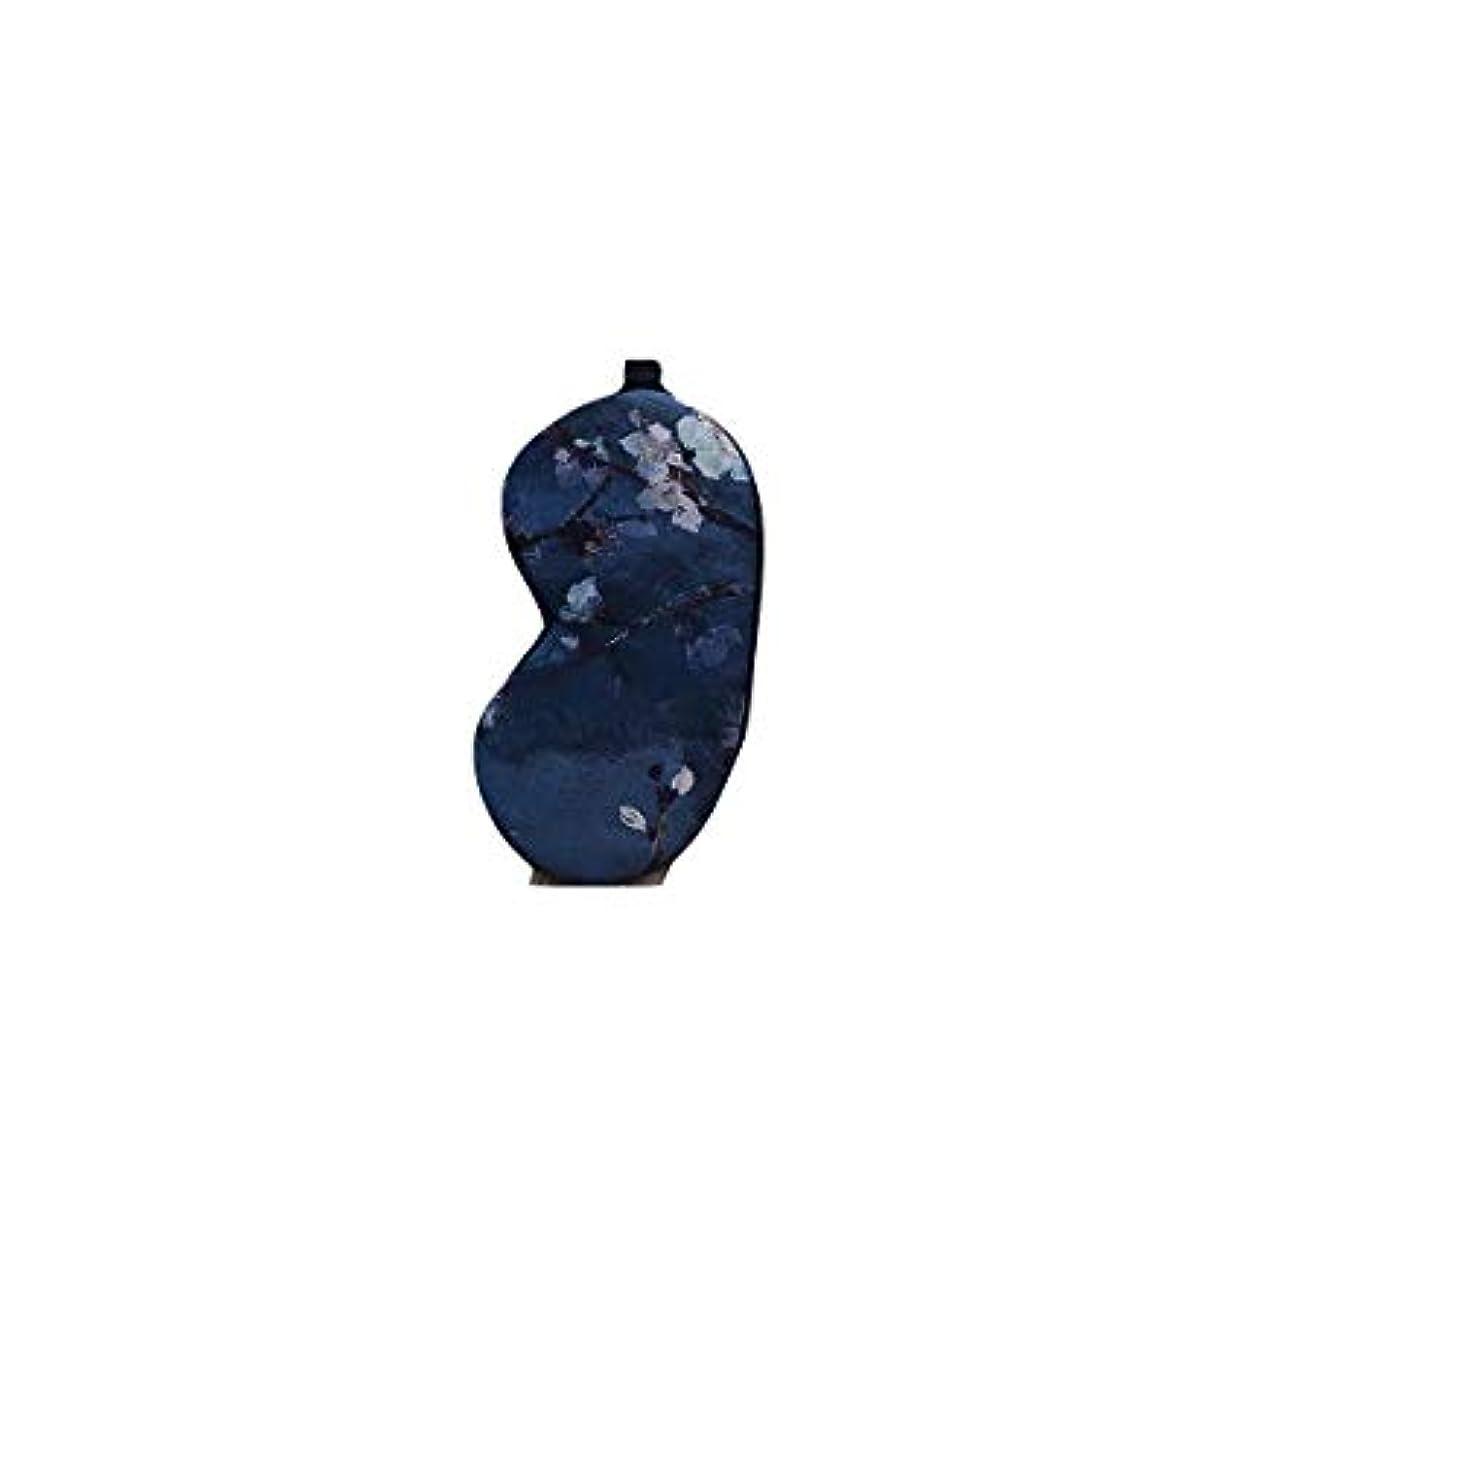 変形石灰岩消費者シルクアイマスクは、目の疲れダークサークルを緩和することができます、女性モデルの睡眠シェーディング学生通気性の目の保護、加熱と加熱 (Color : Blue)